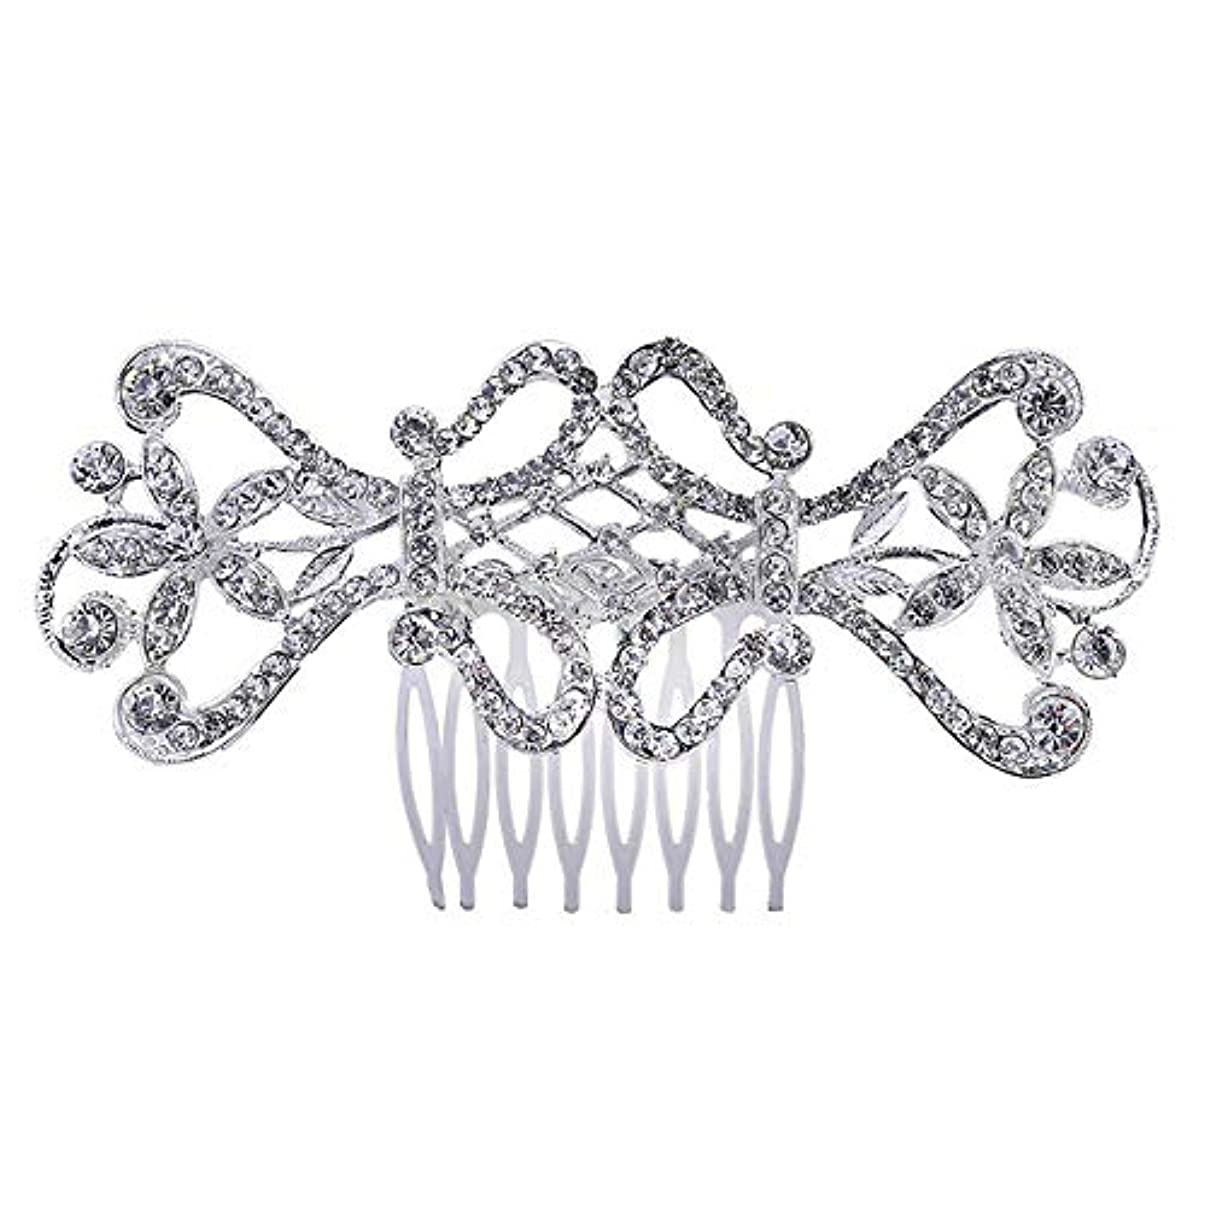 バレエトランジスタ真鍮ヘアコームコームコームブライダルヘアコームラインストーンインサーヘッドドレスブライダルヘアアクセサリー結婚式のアクセサリー